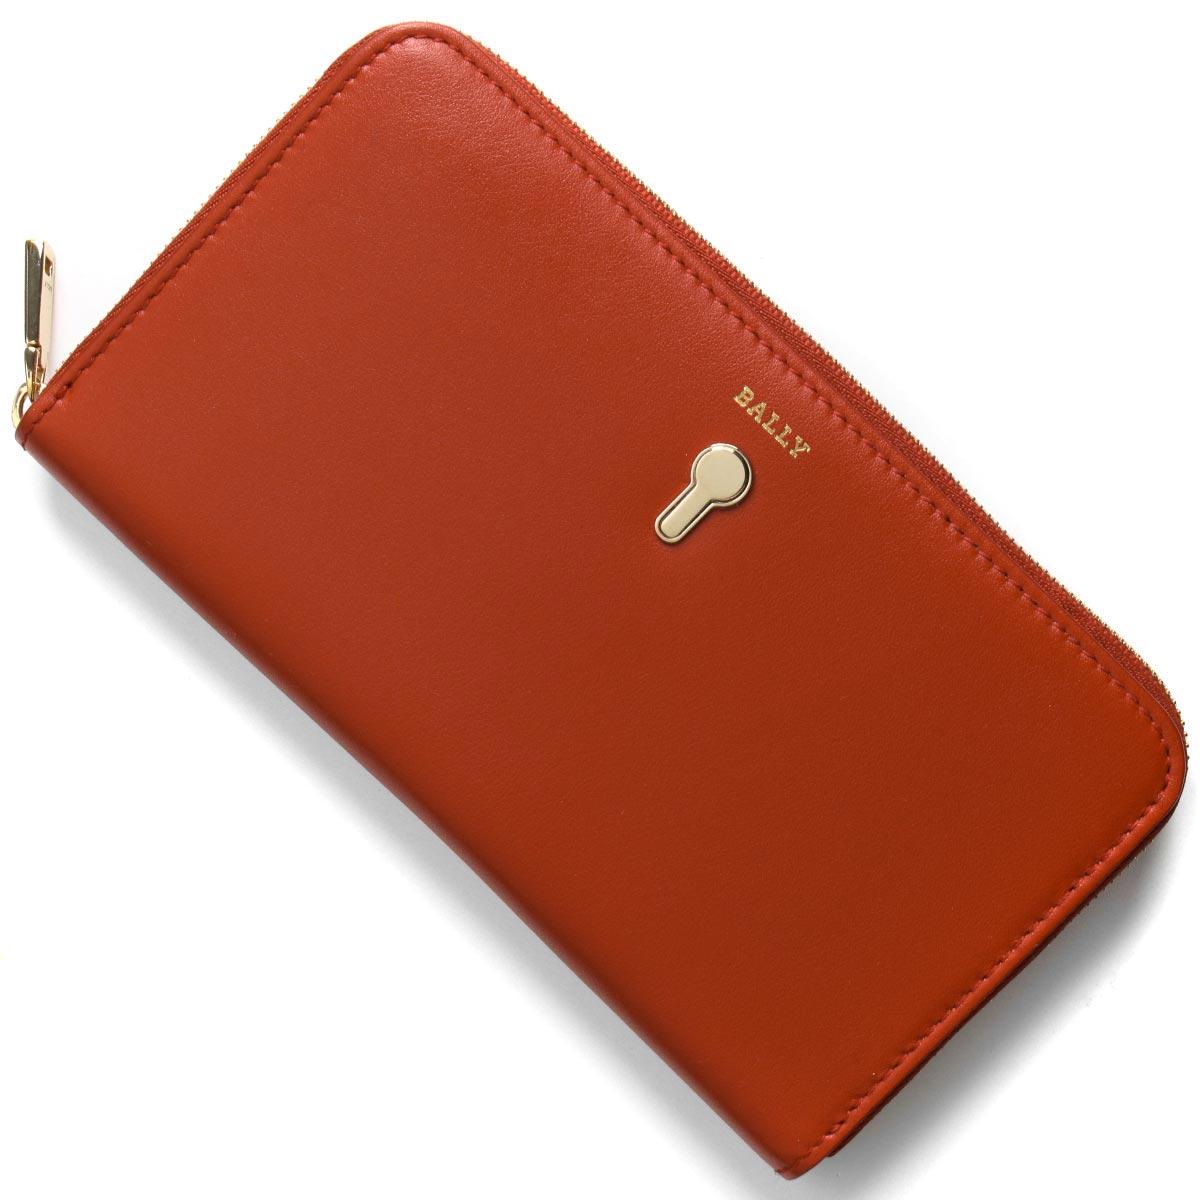 バリー 長財布 財布 レディース クロベナー パパーヴェロレッド CROVENOR W 76 6226906 BALLY